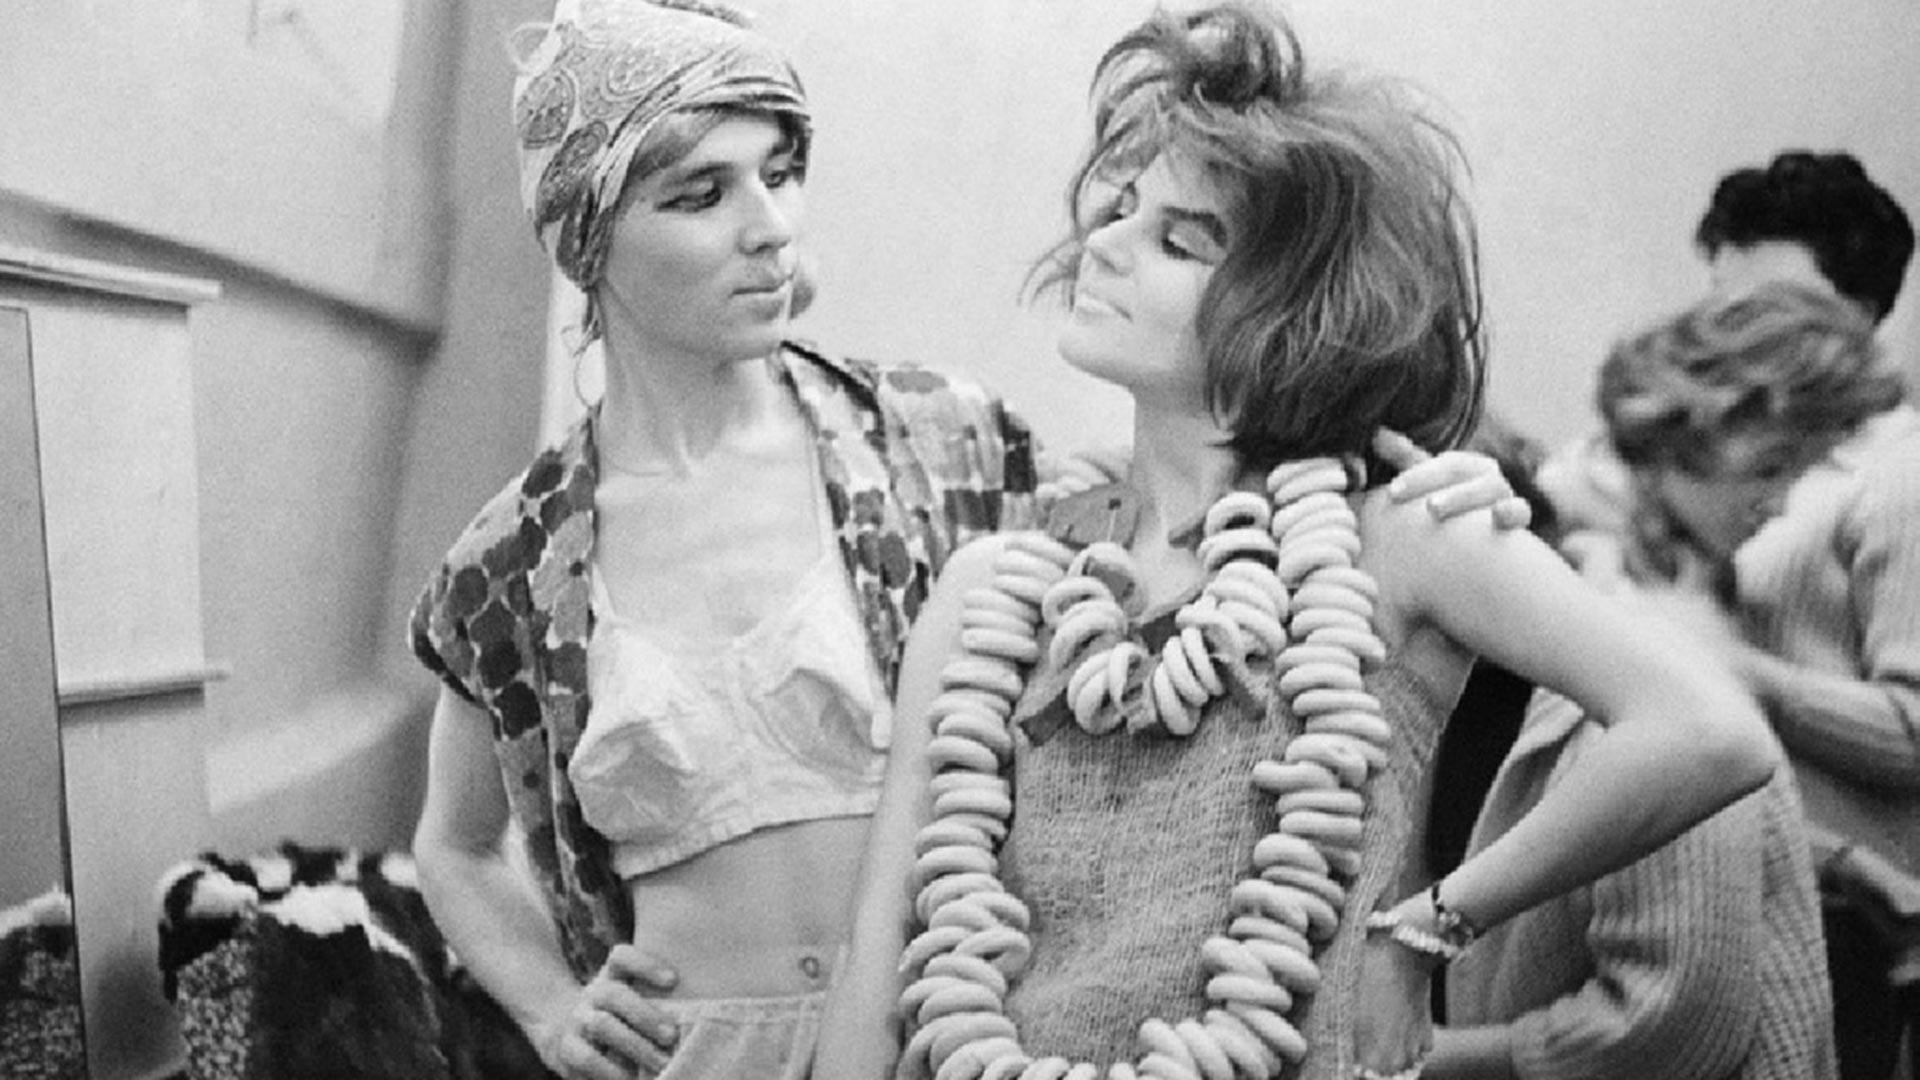 Hinter den Kulissen einer Modenschau des Designers Wjatscheslaw Saizew, 1966.